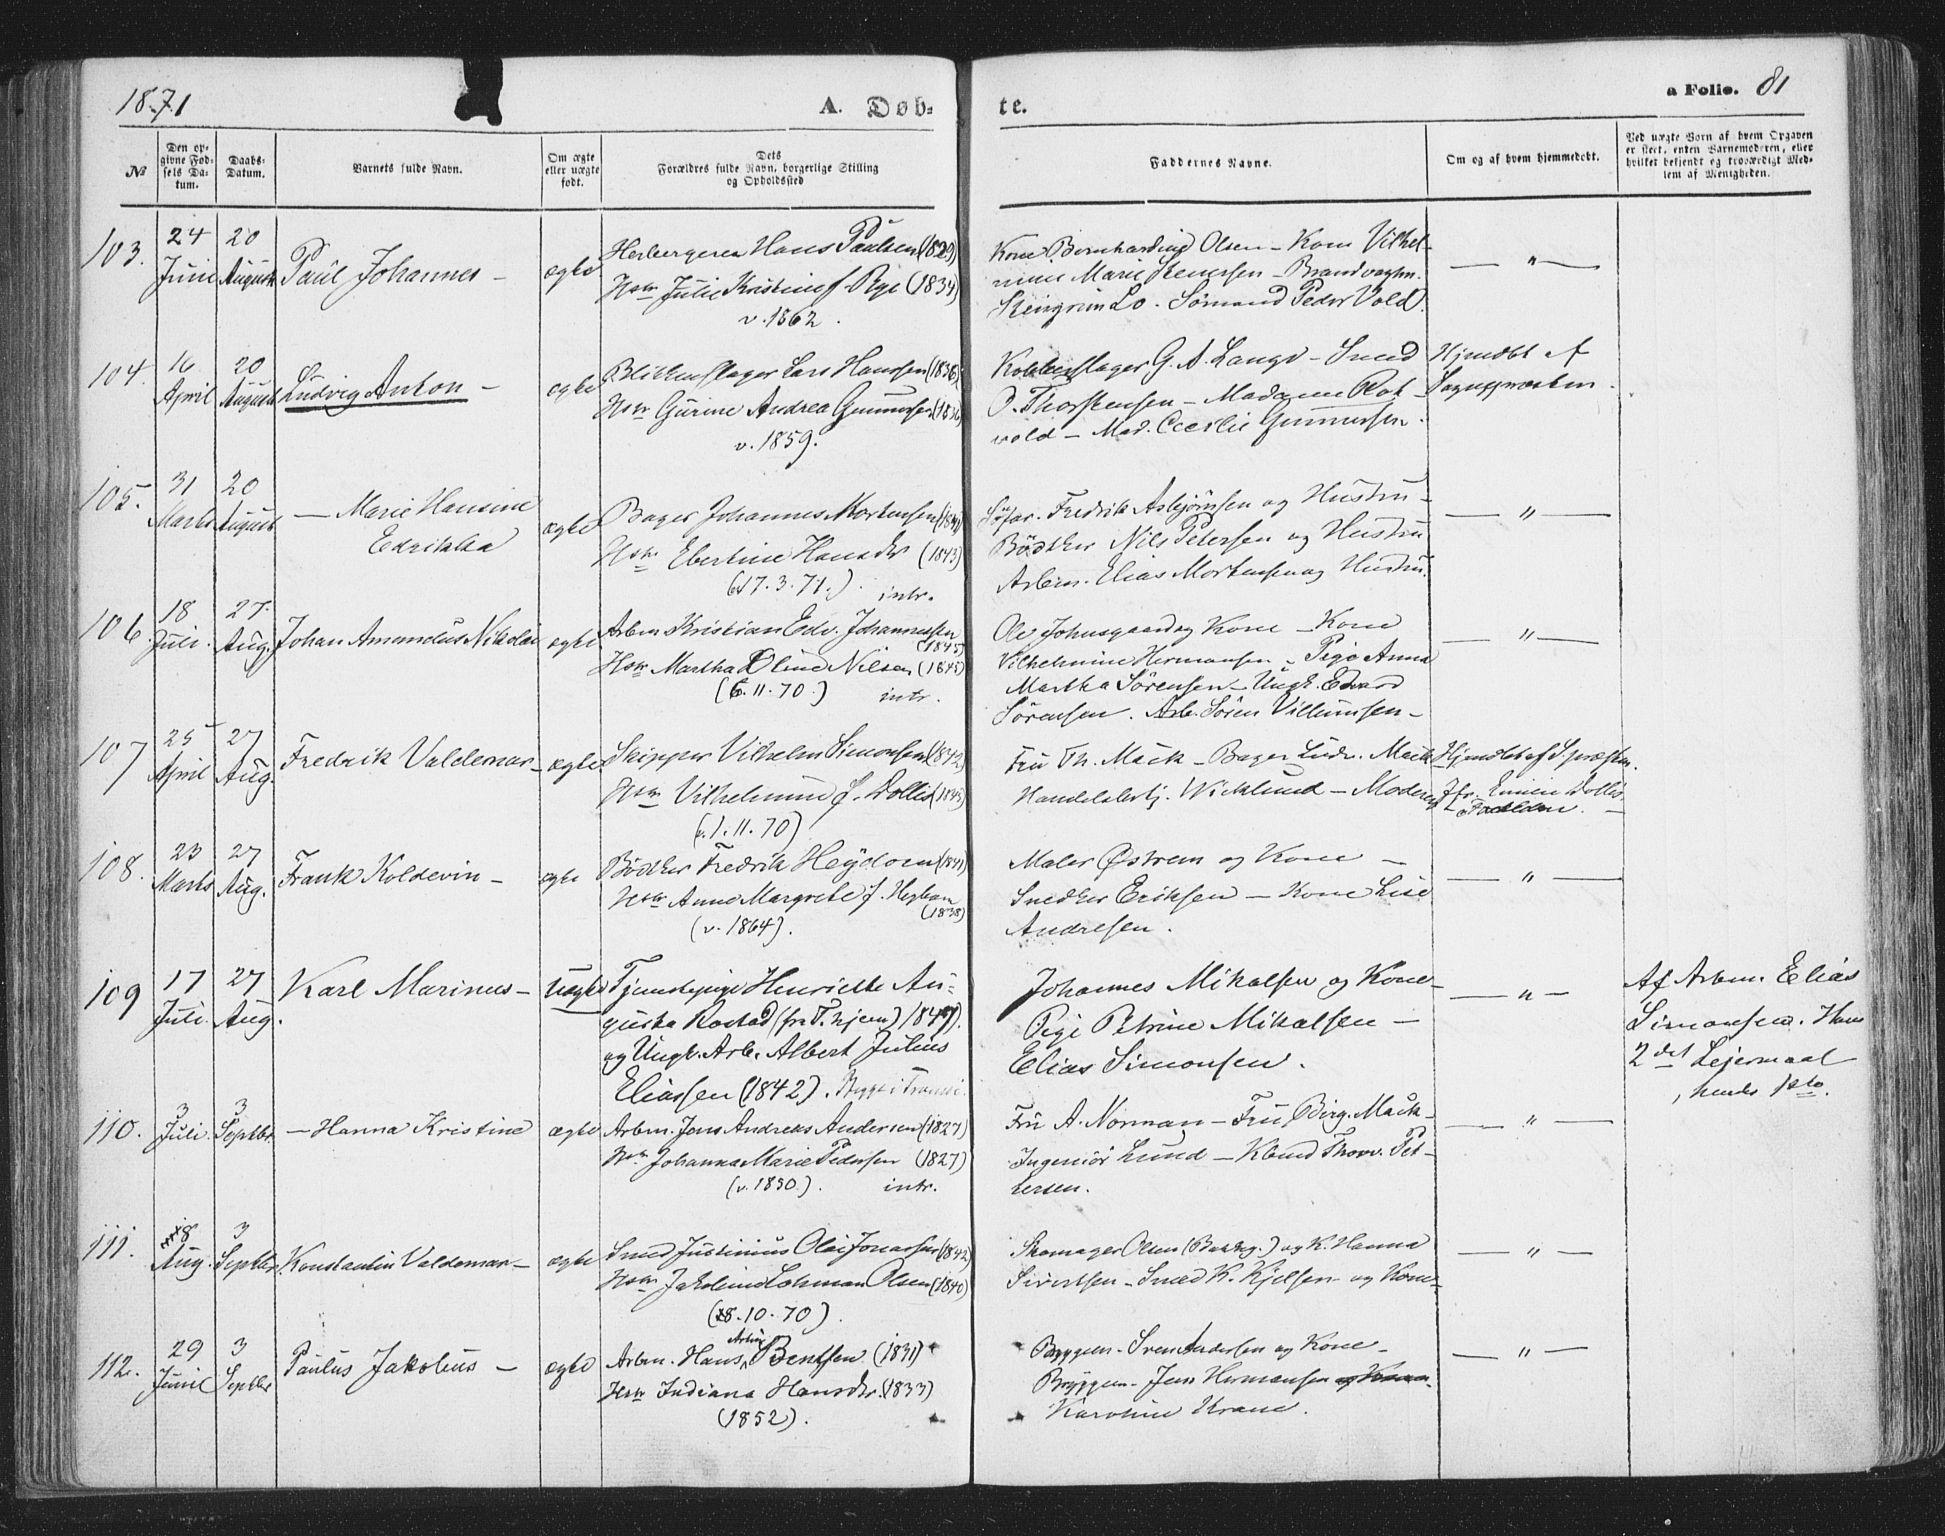 SATØ, Tromsø sokneprestkontor/stiftsprosti/domprosti, G/Ga/L0012kirke: Ministerialbok nr. 12, 1865-1871, s. 81